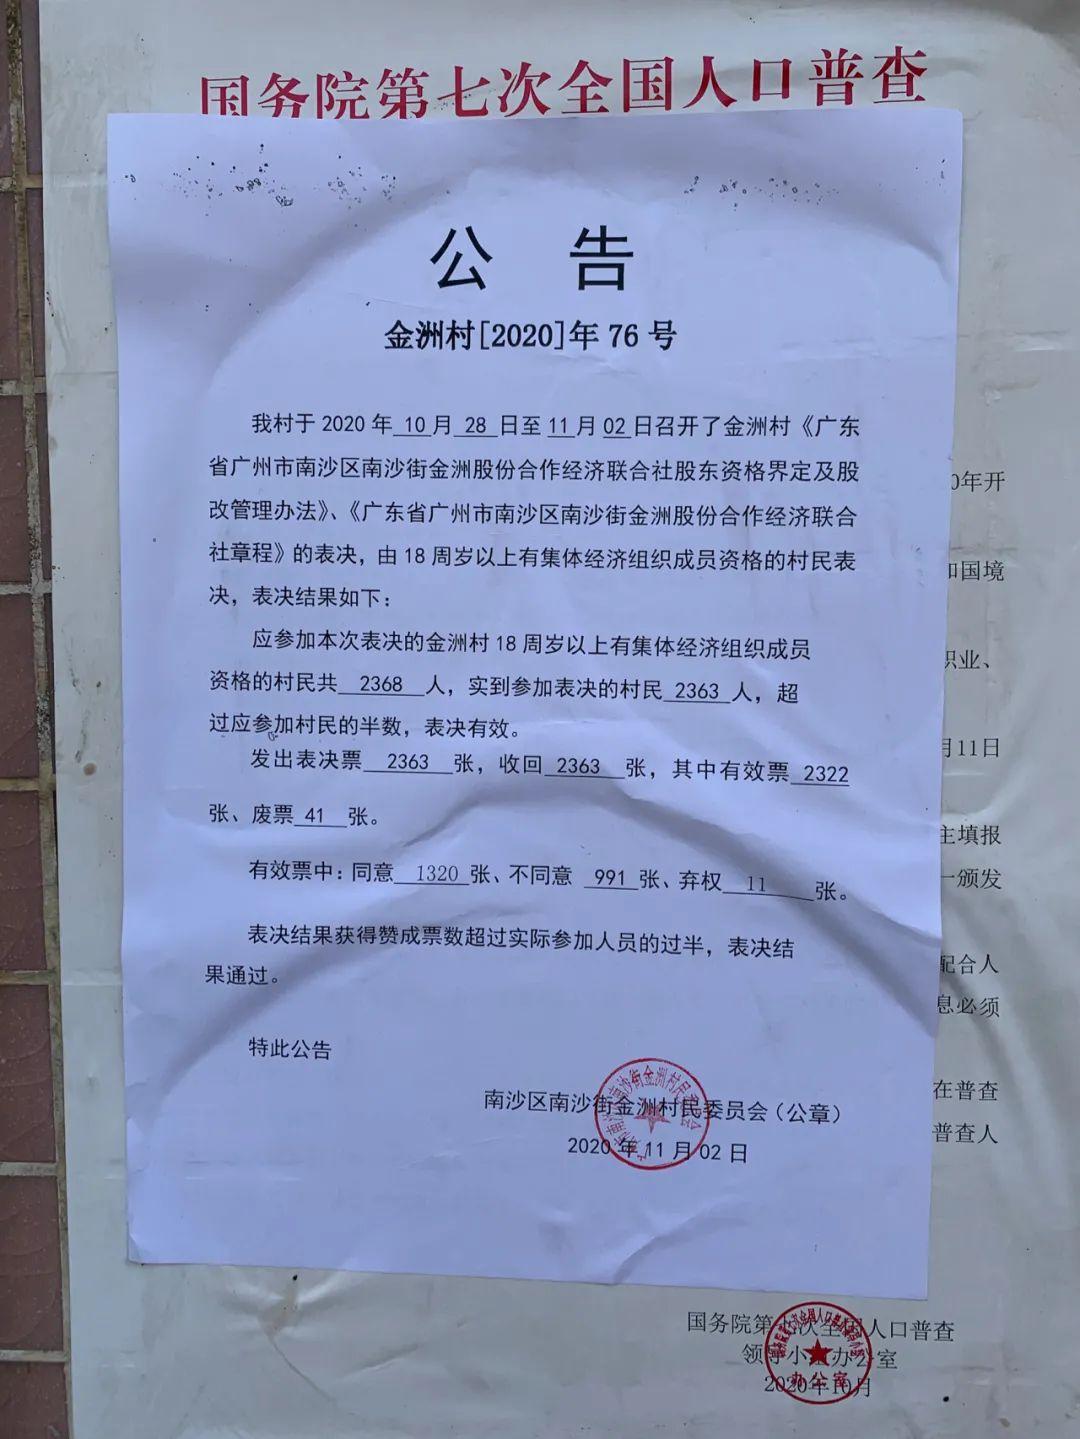 usdt回收(caibao.it):起底升龙广州旧改:200亿搏948亿的危和机 第4张